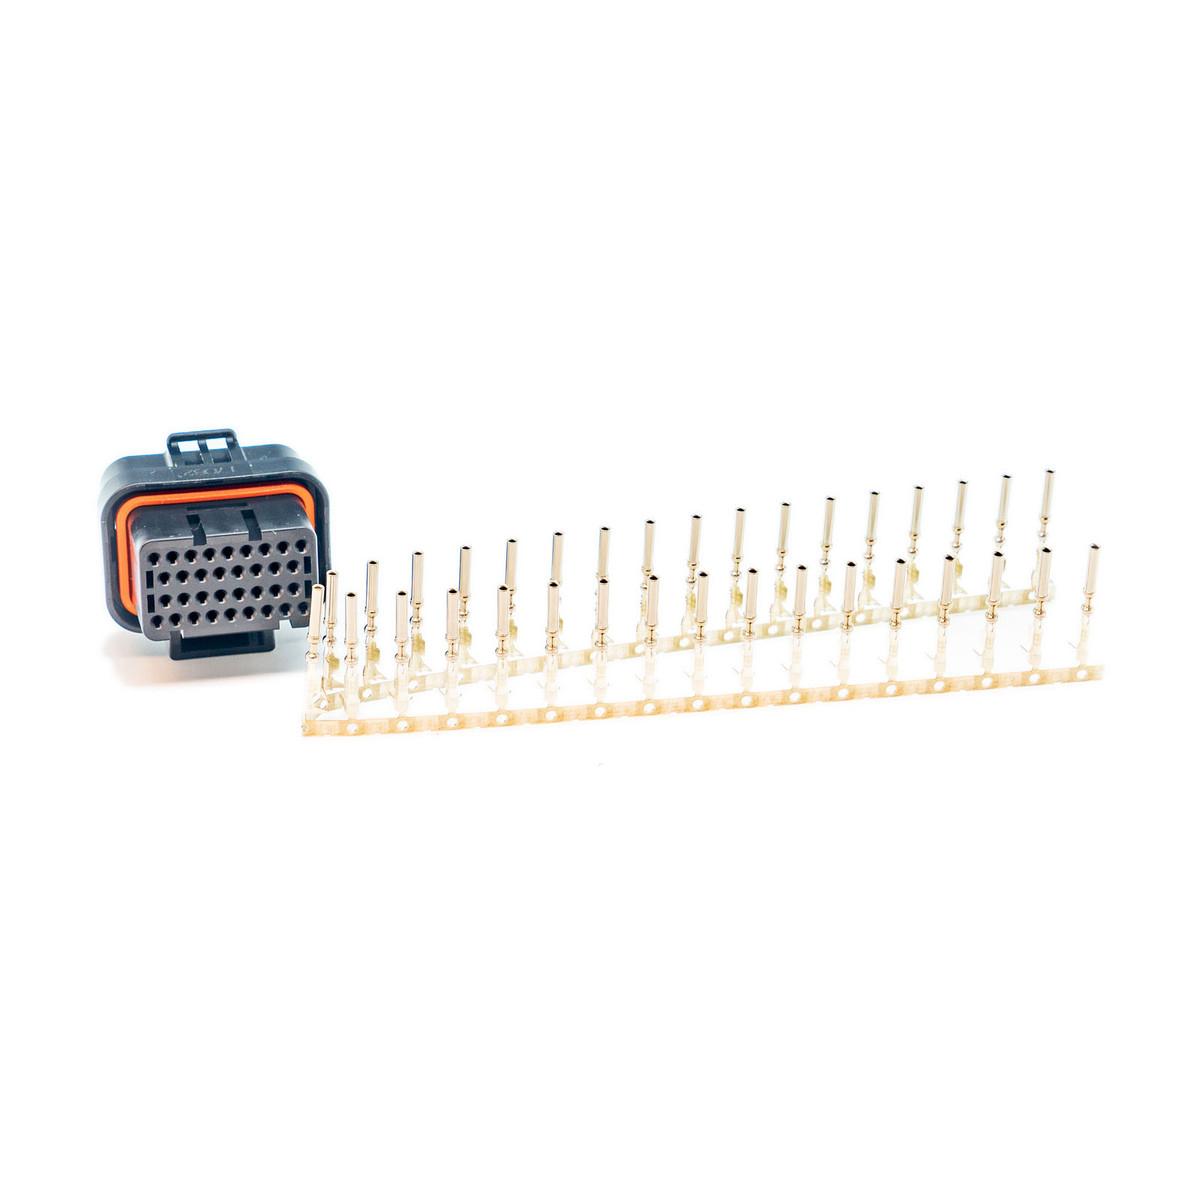 Pin Kit B (TKB)